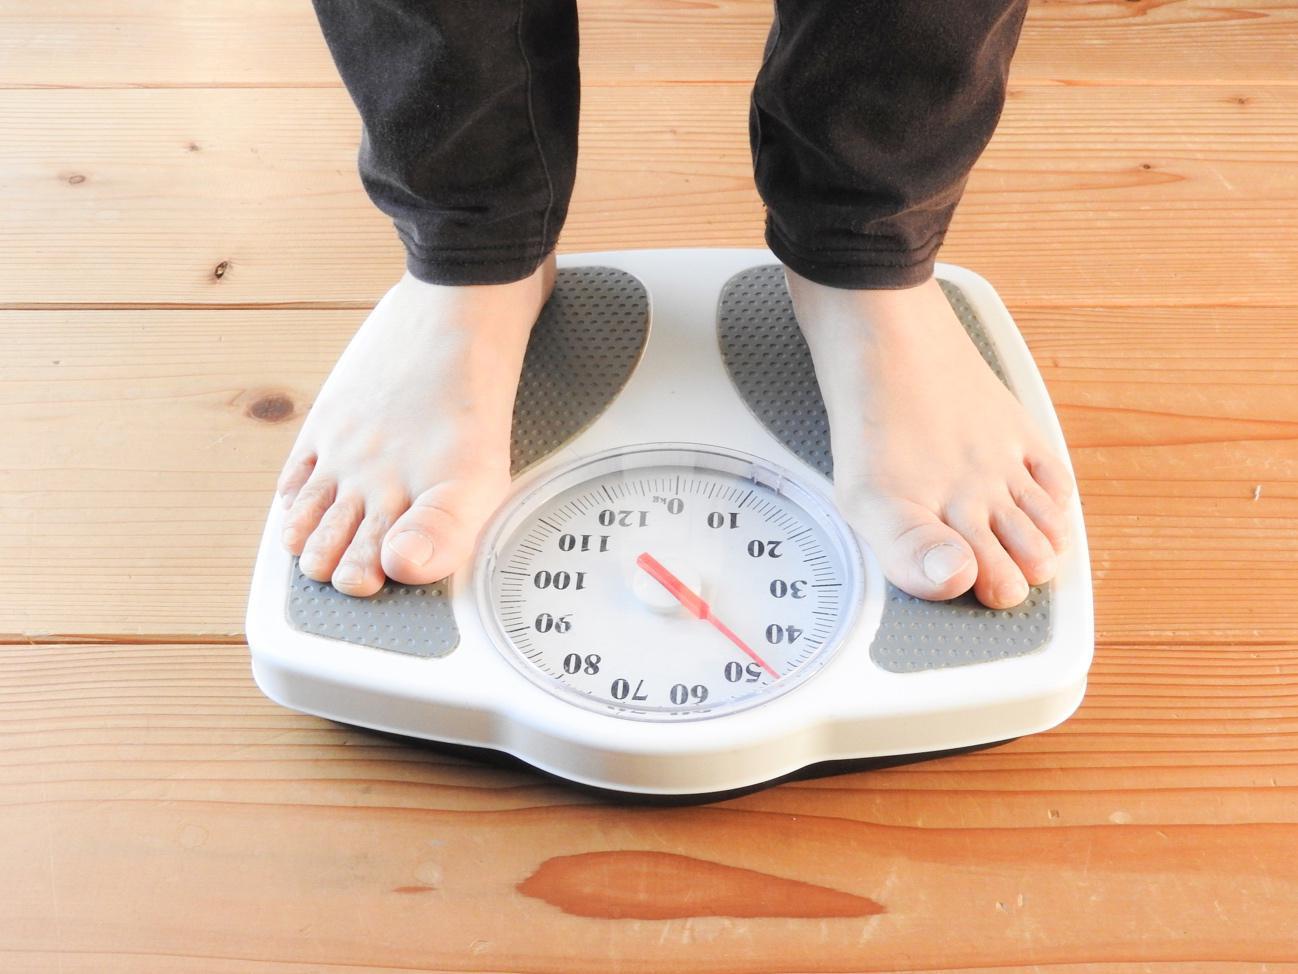 【痩せる方法】40代では無理なく自然に痩せることで美しく!